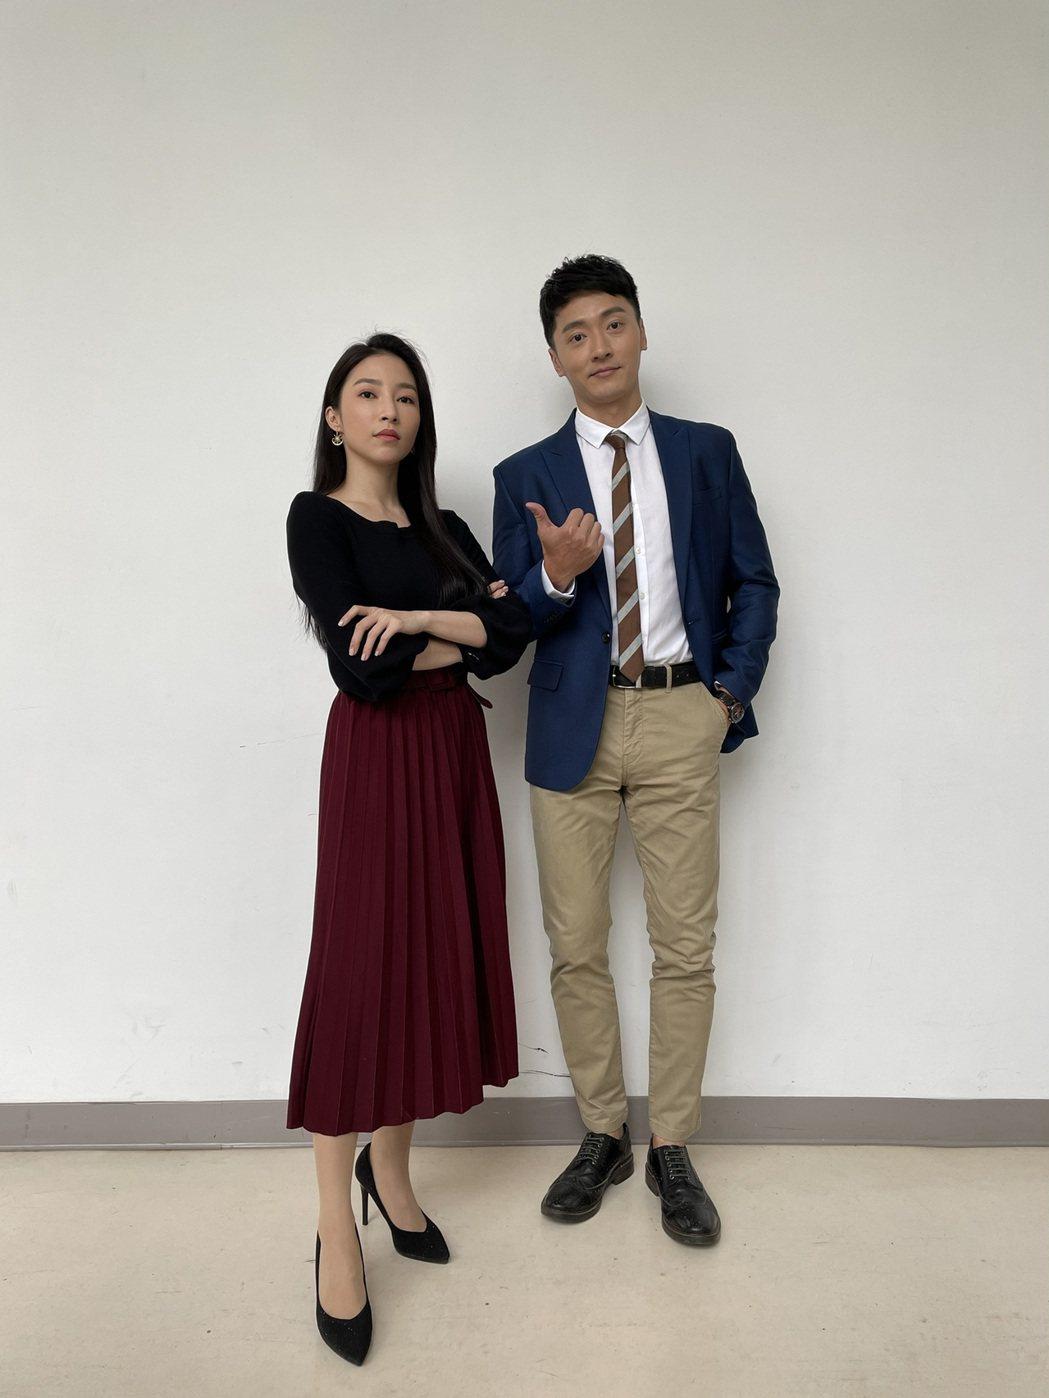 馬俊麟(右)、張家瑋在「多情城市」戲中有感情戲。圖/民視提供